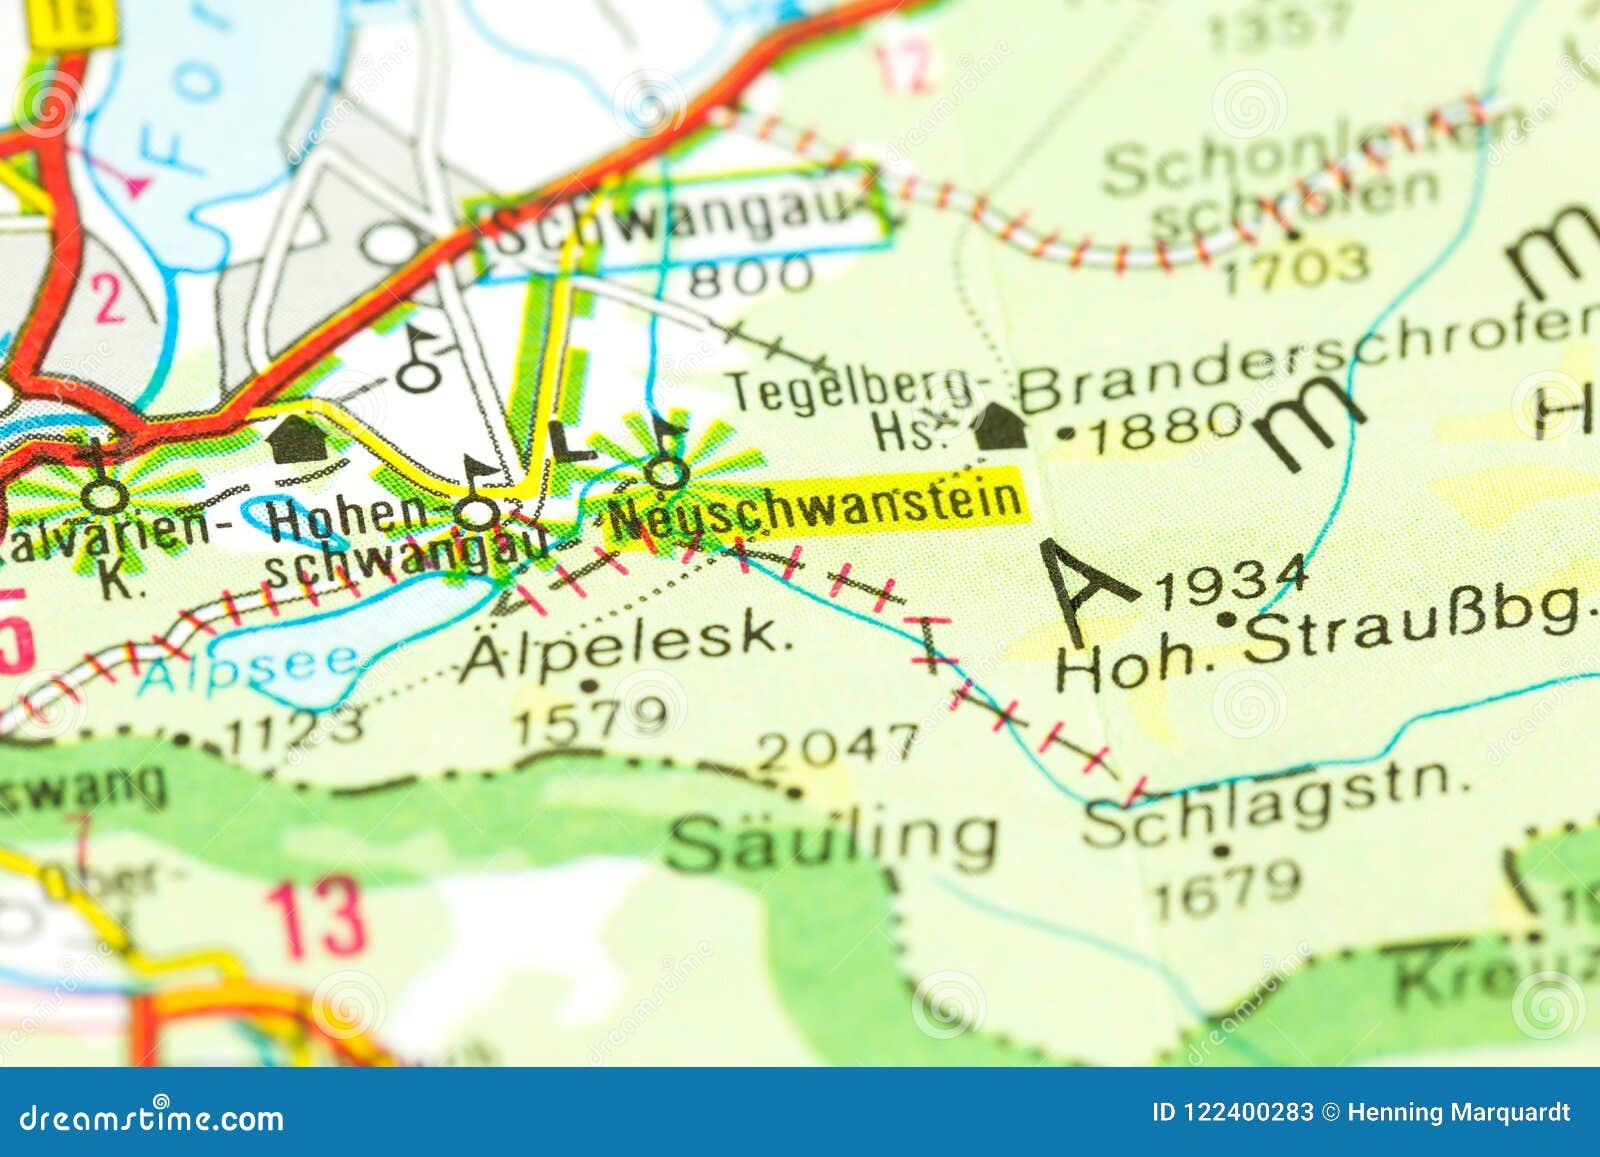 Bayern Karte.Neues Swanstone Schloss Auf Karte Bayern Stockbild Bild Von Plan